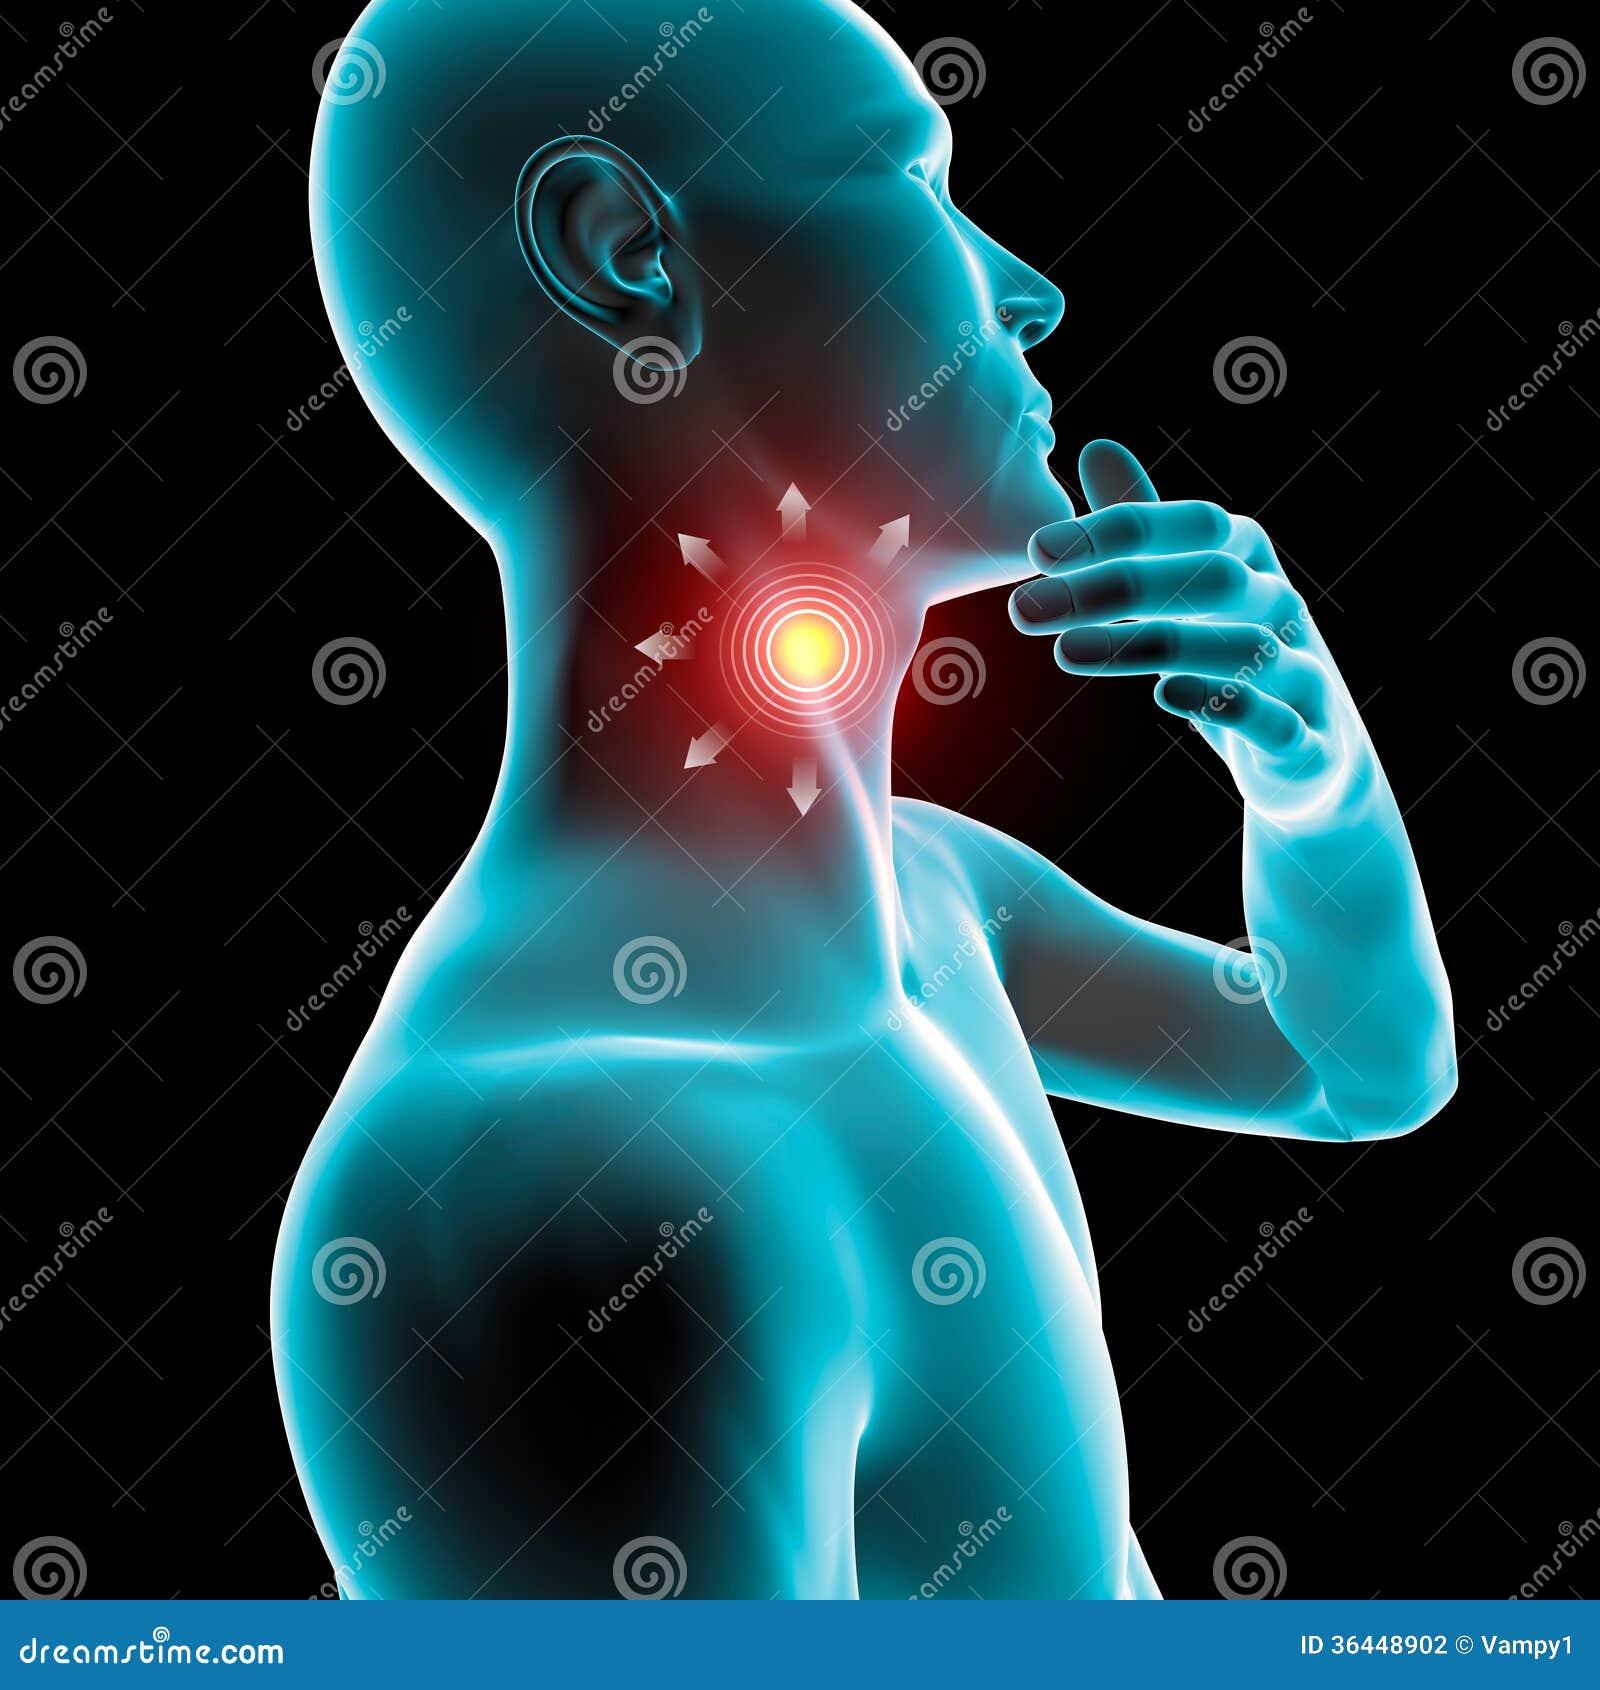 Causas y tratamiento del dolor de garganta o faringitis -